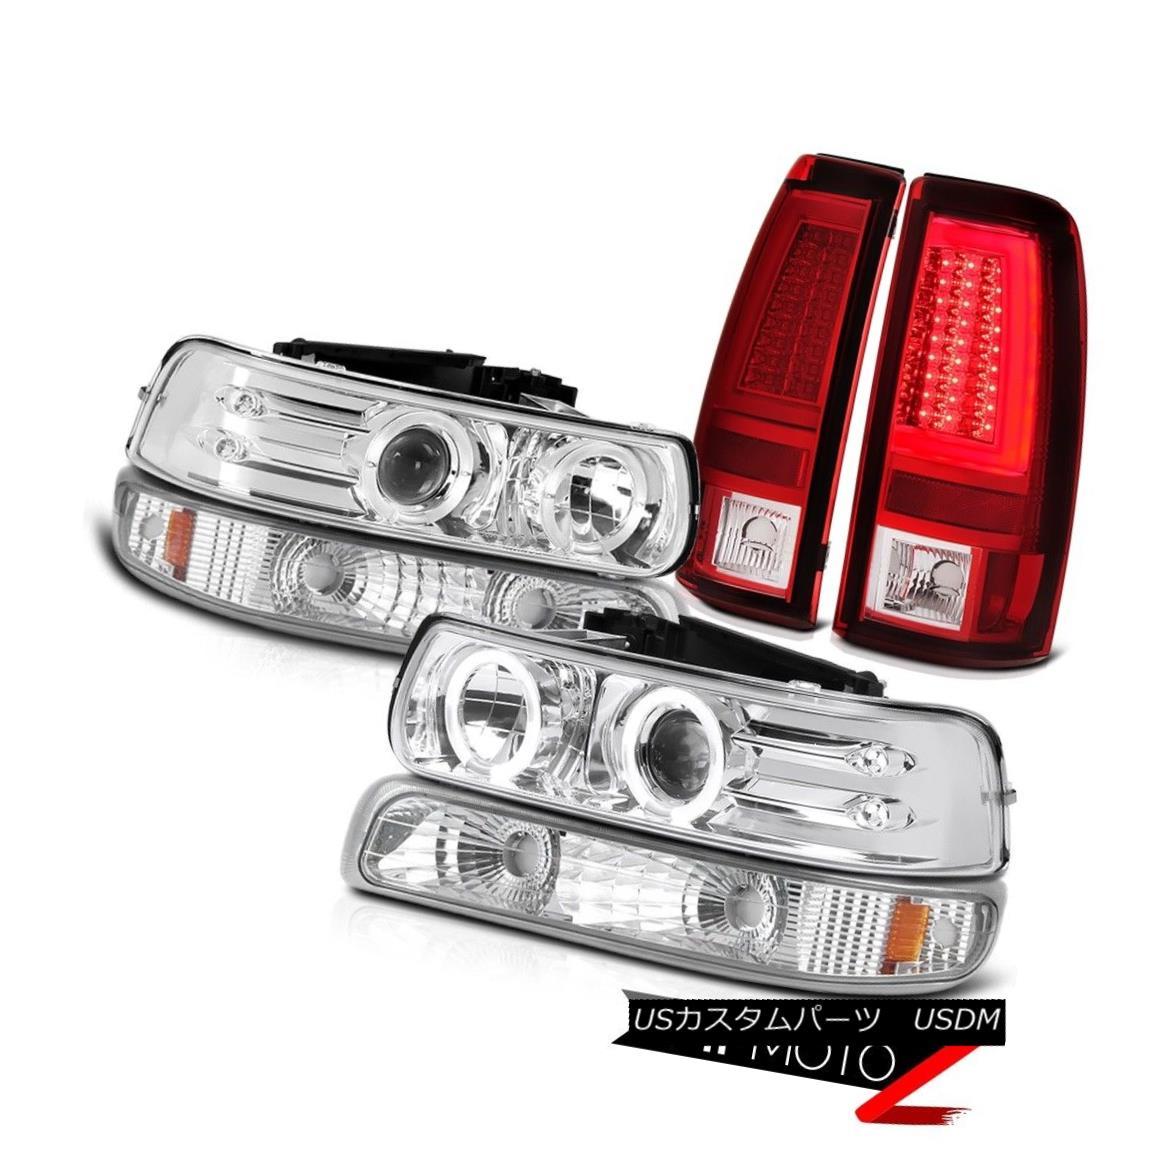 ヘッドライト 99-02 Silverado 1500 Bloody Red Taillamps Bumper Lamp Headlights Crystal Lens 99-02 Silverado 1500 Bloody Red Taillampsバンパーランプヘッドライトクリスタルレンズ画像